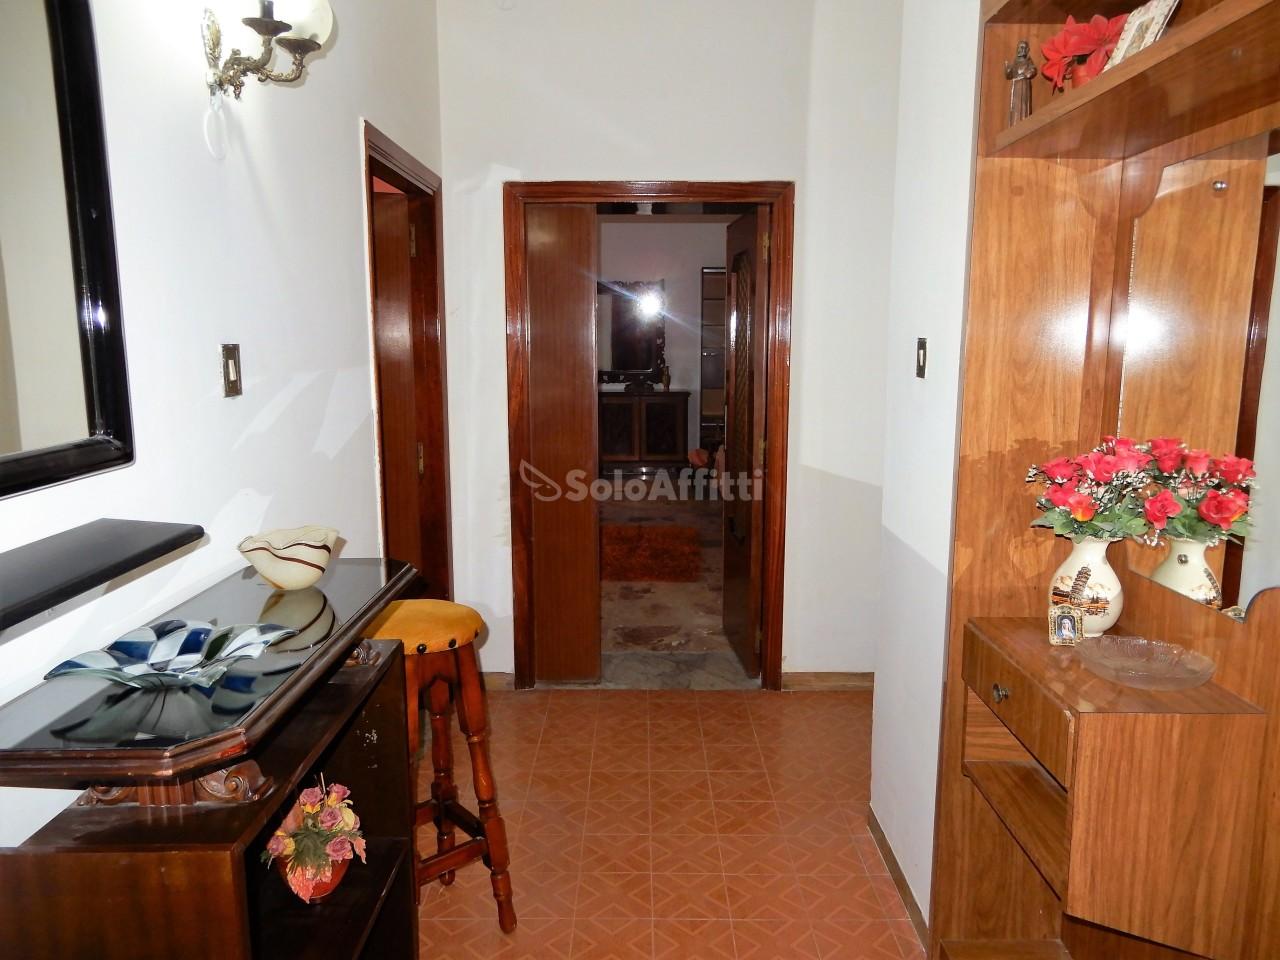 Appartamento - Quadrilocale a Lido Fortuna, Catanzaro